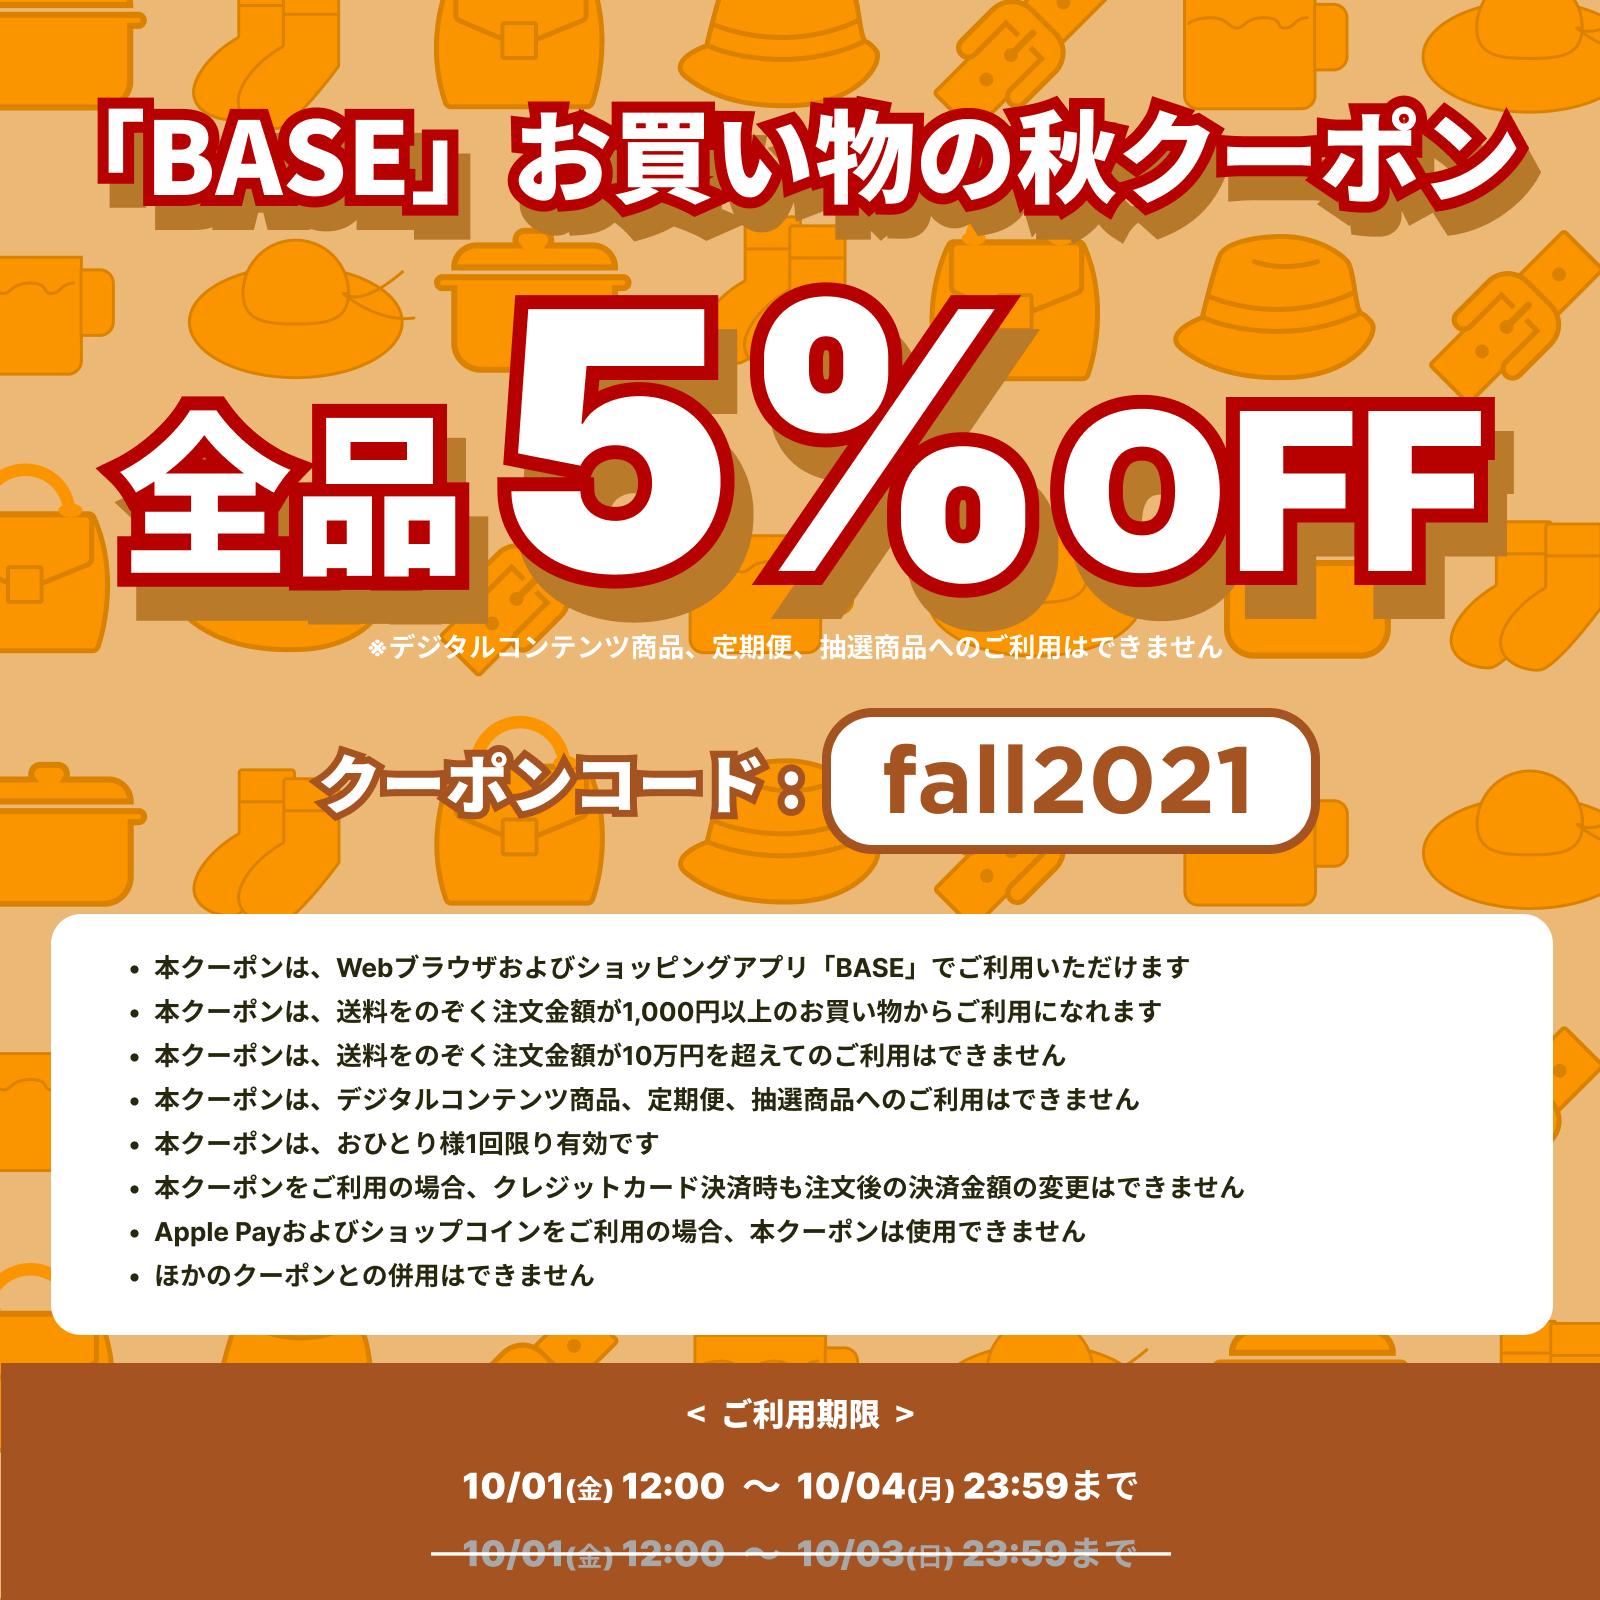 【10/1~10/4 期間限定】 「BASE」お買い物の秋クーポンキャンペーン!